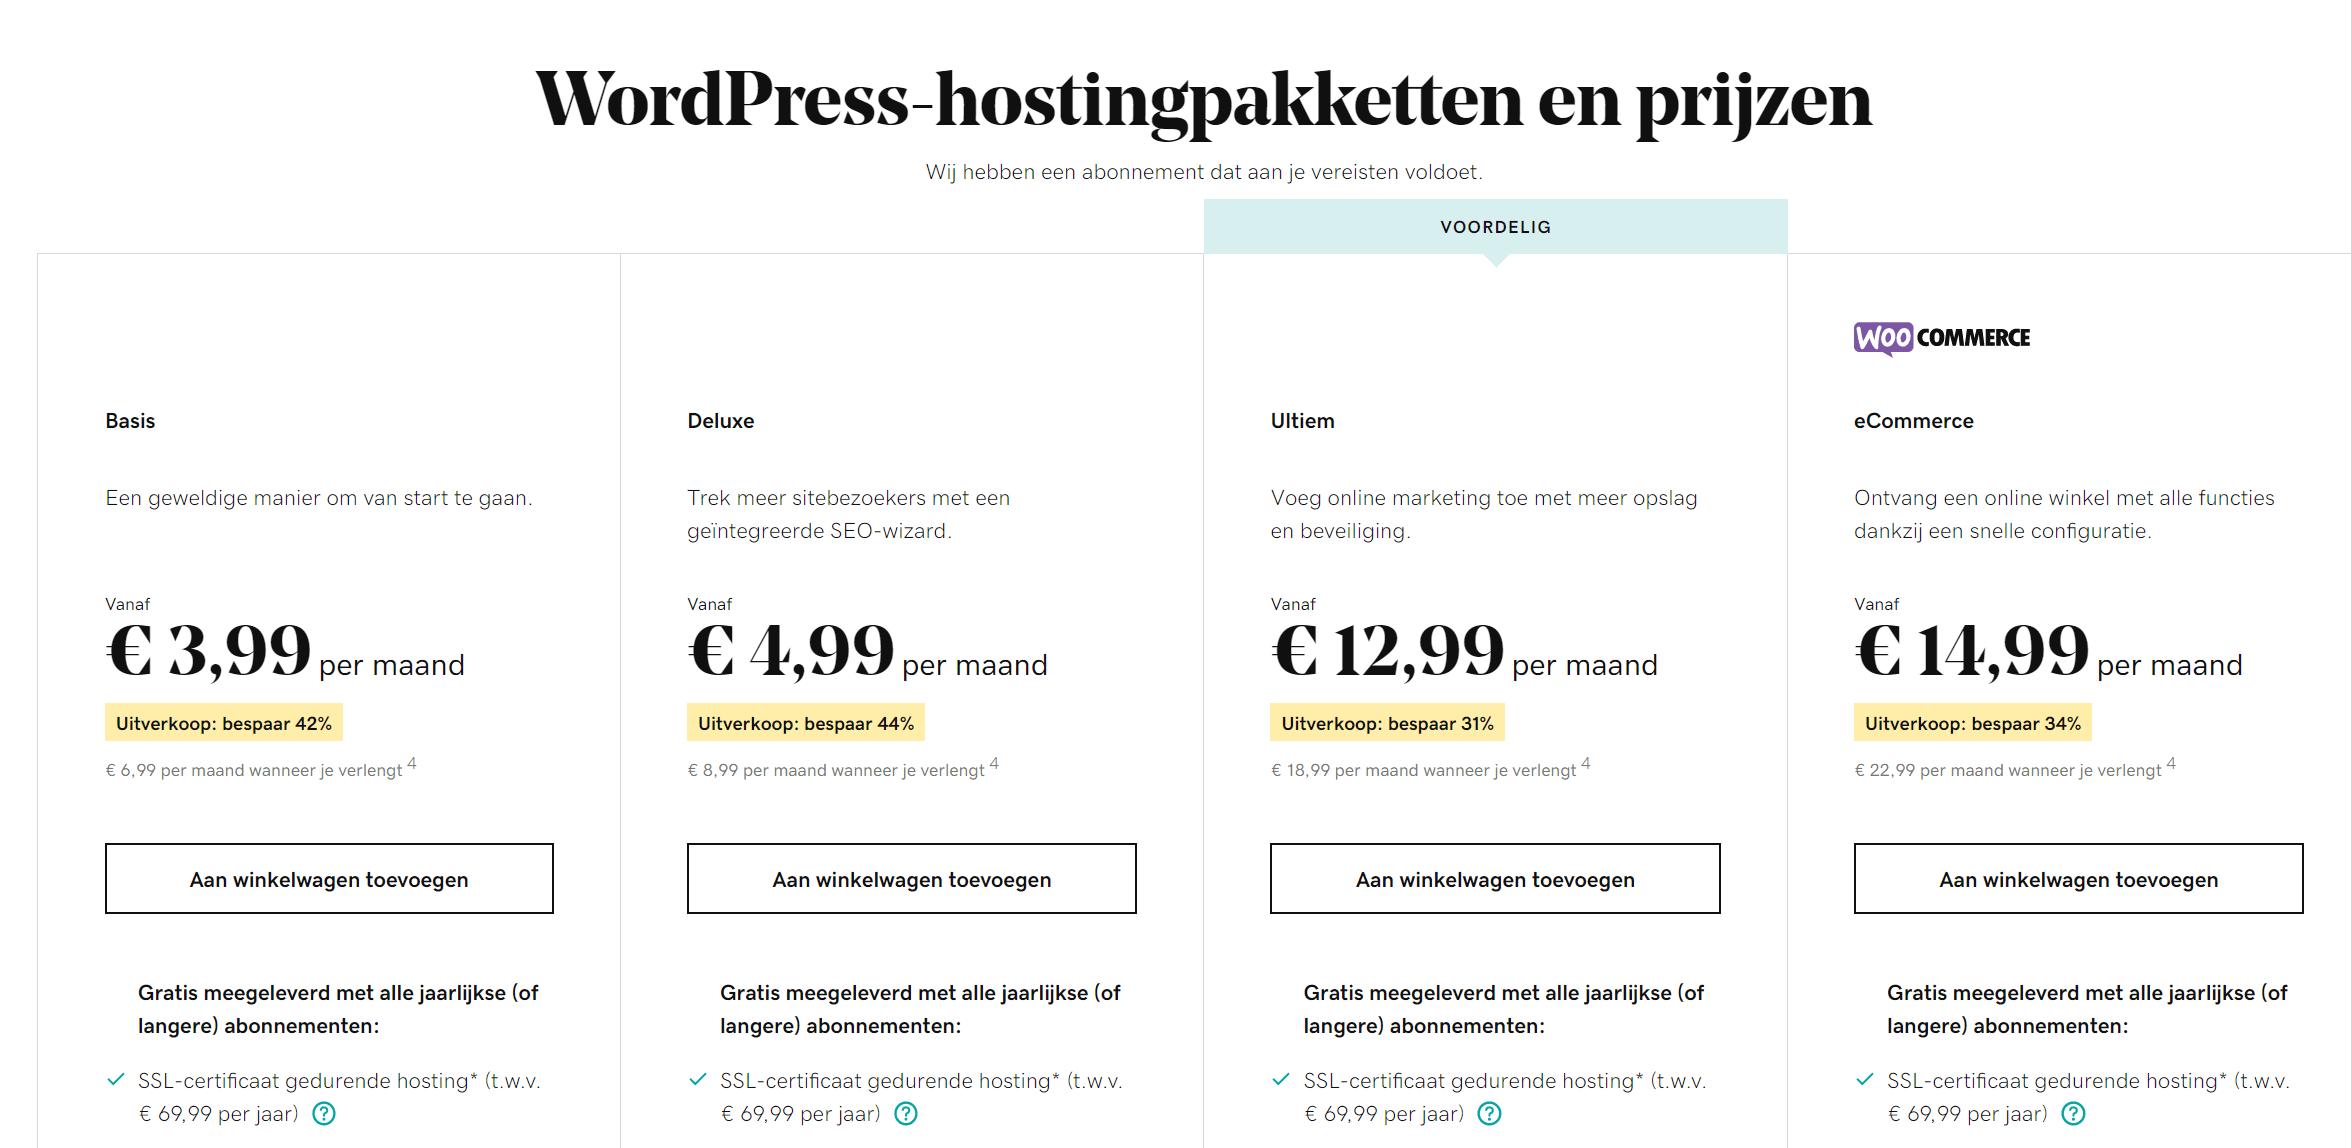 GoDaddy-wordpress-hosting-prijzen